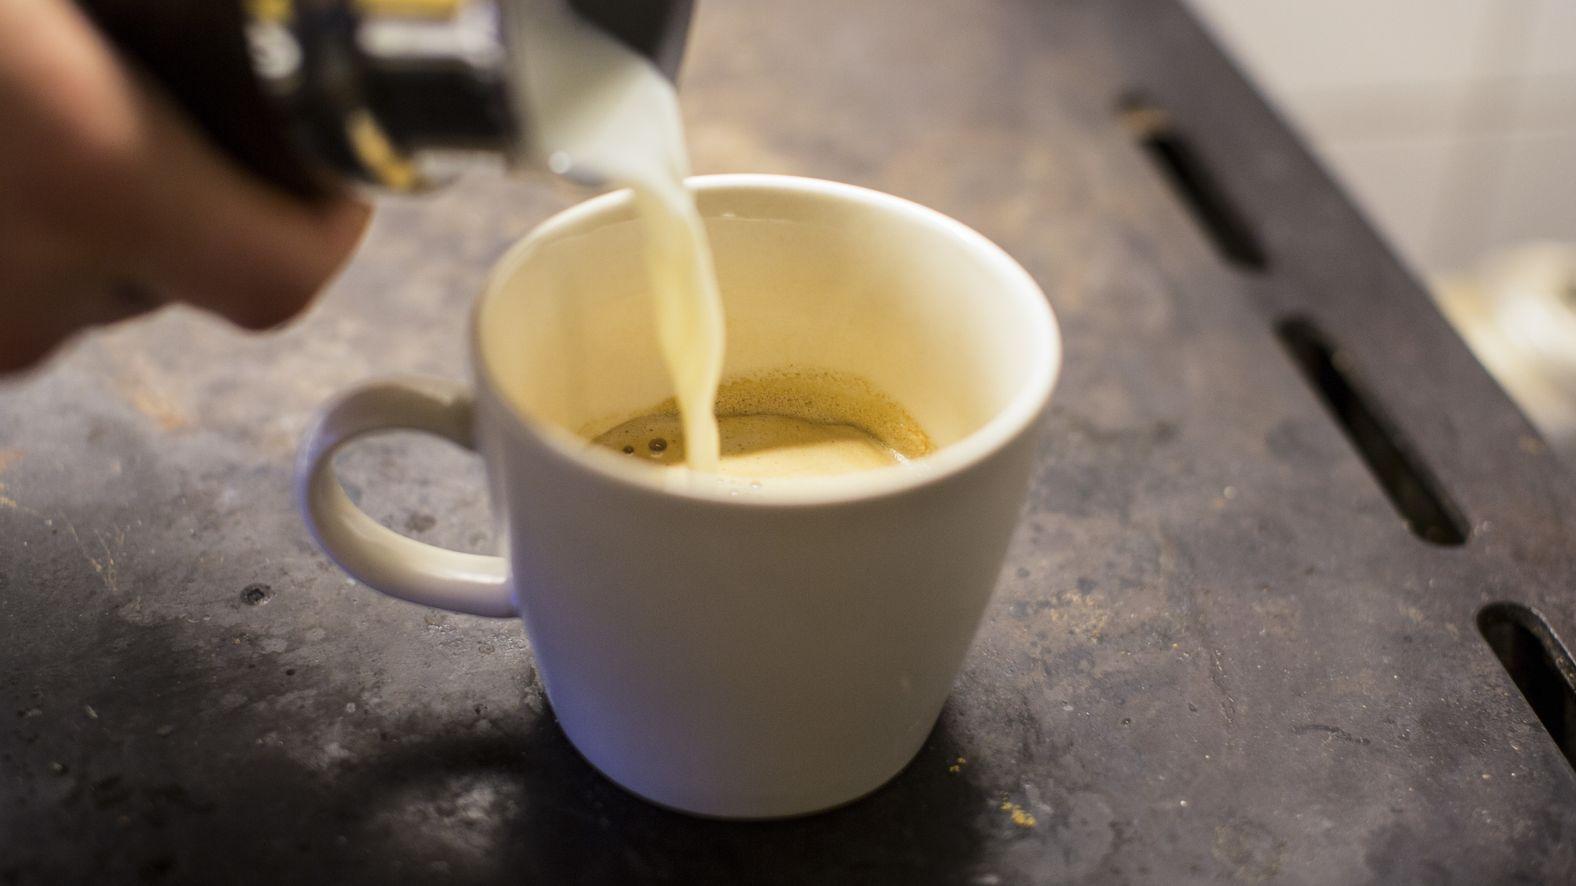 Mit Bakterien verseucht: Discounter rufen Milch zurück